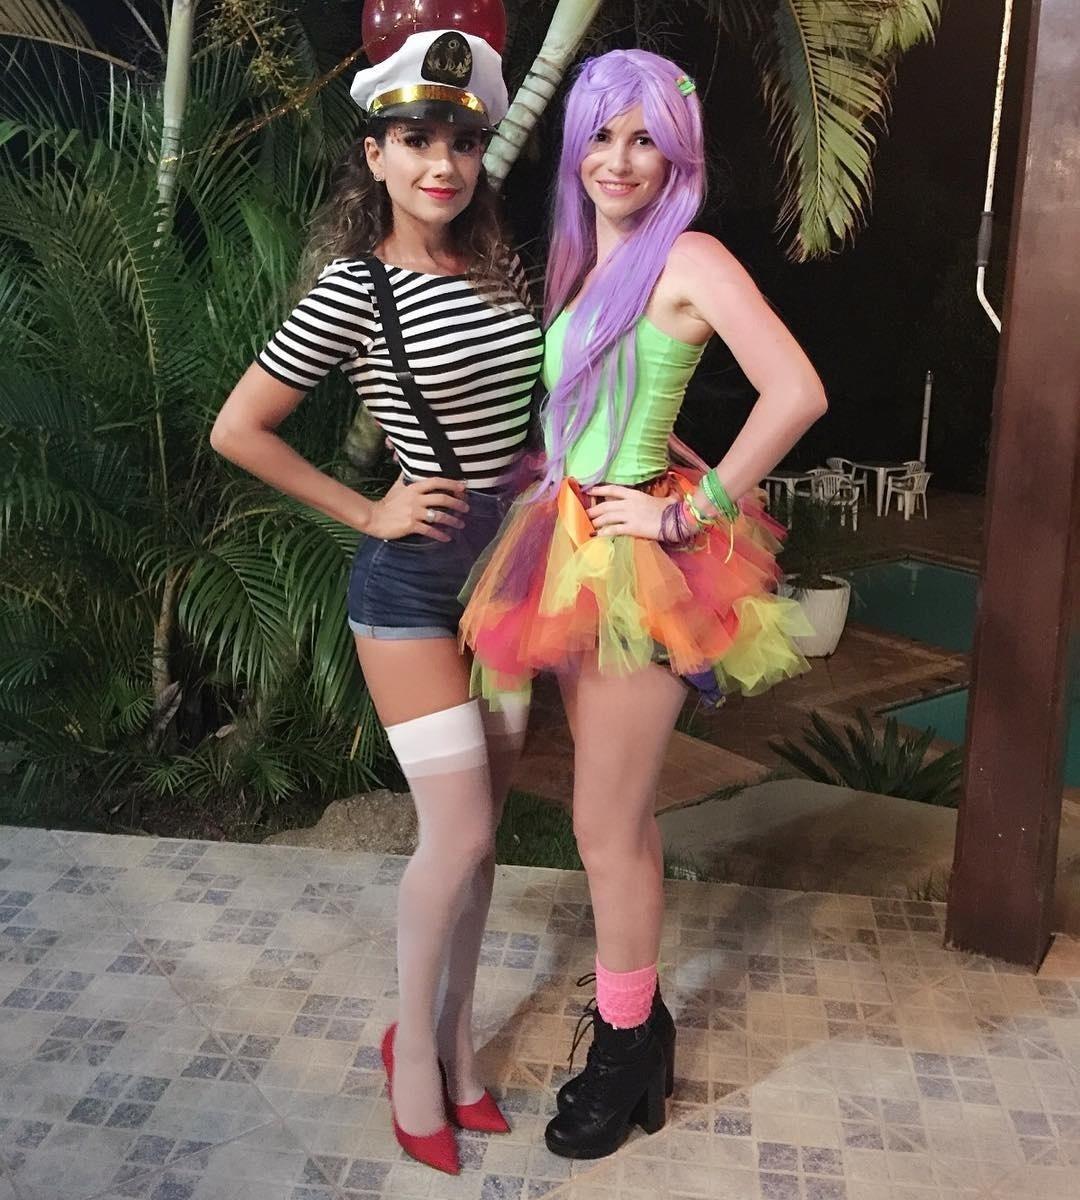 6.fev.2016 - Fantasiada de marinheira, Paula Fernandes ousou na sensualidade, com shortinho, suspensórios e meia 3/4. A cantora publicou uma foto ao lado da prima, Cíntia, curtindo o Carnaval na chácara da família